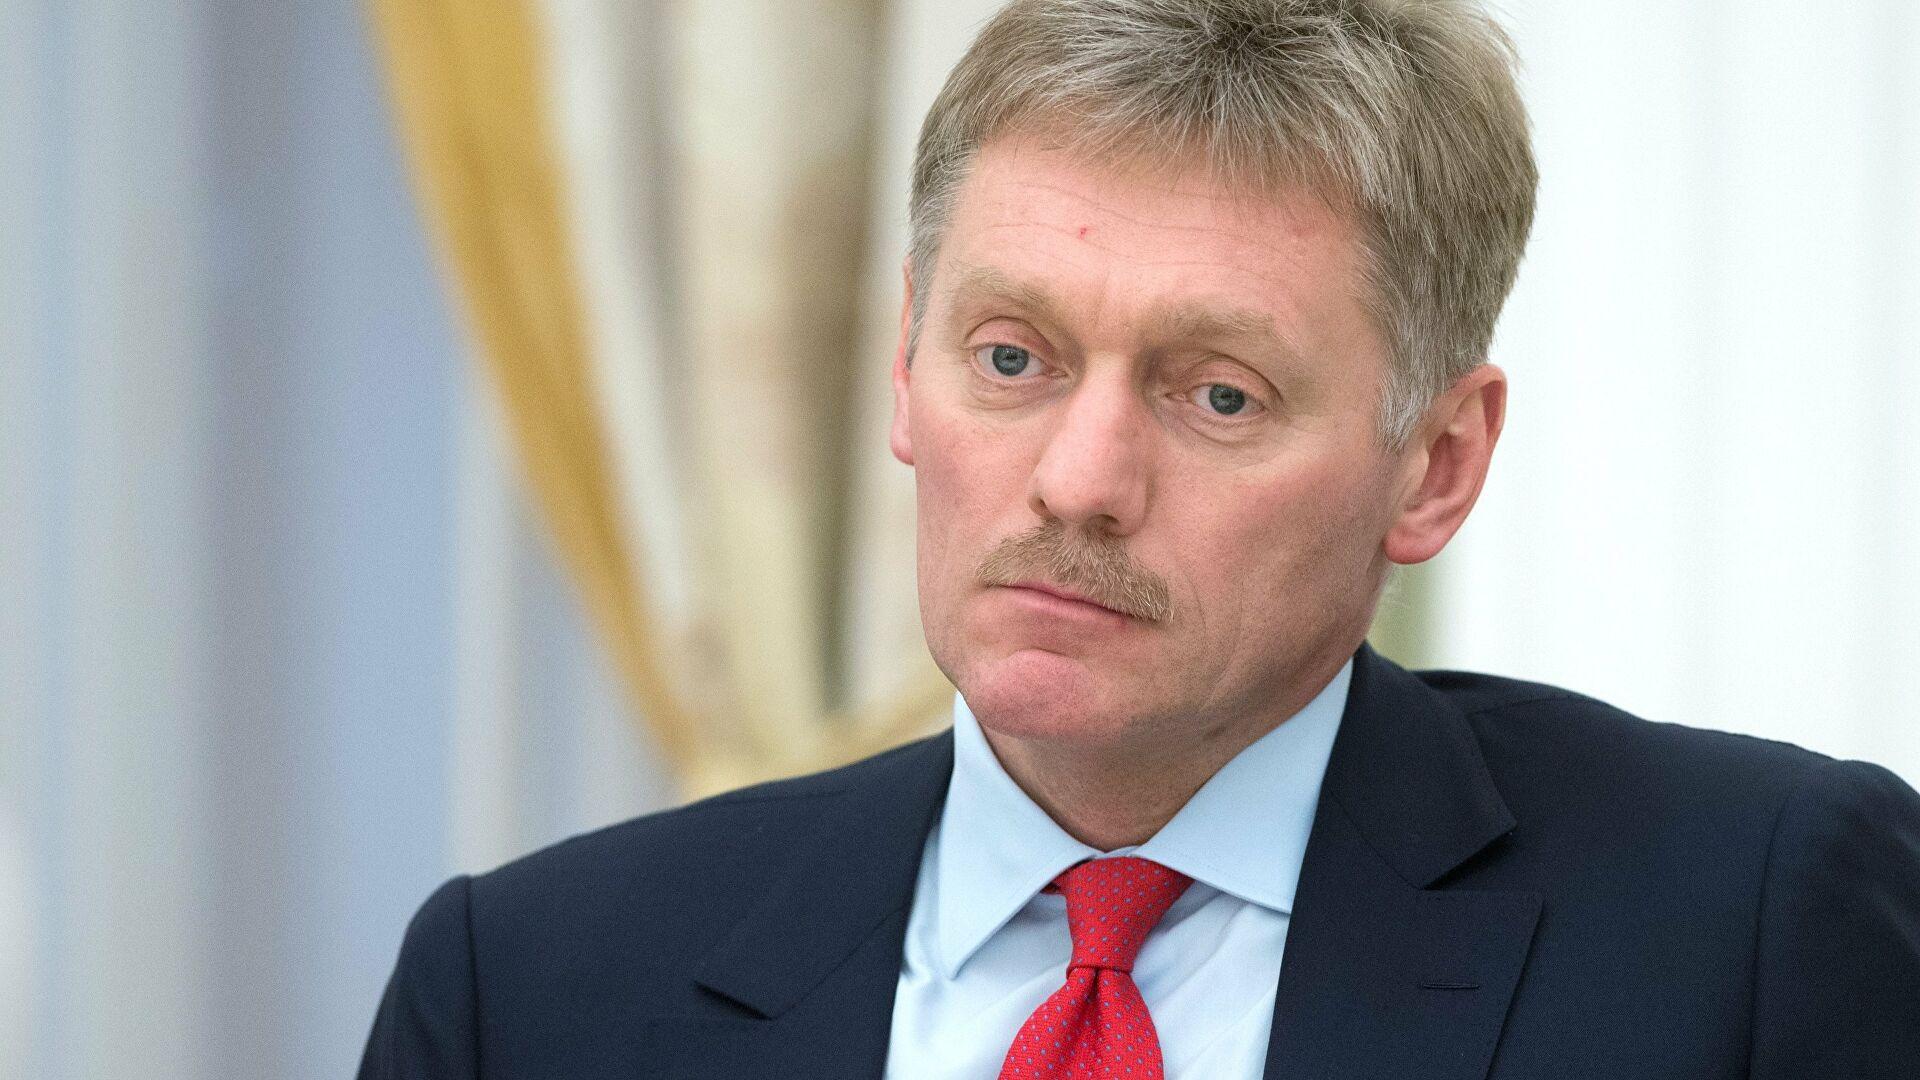 Русија води дијалог на најразличитијим нивоима о ситуацији у Нагорно-Карабаху